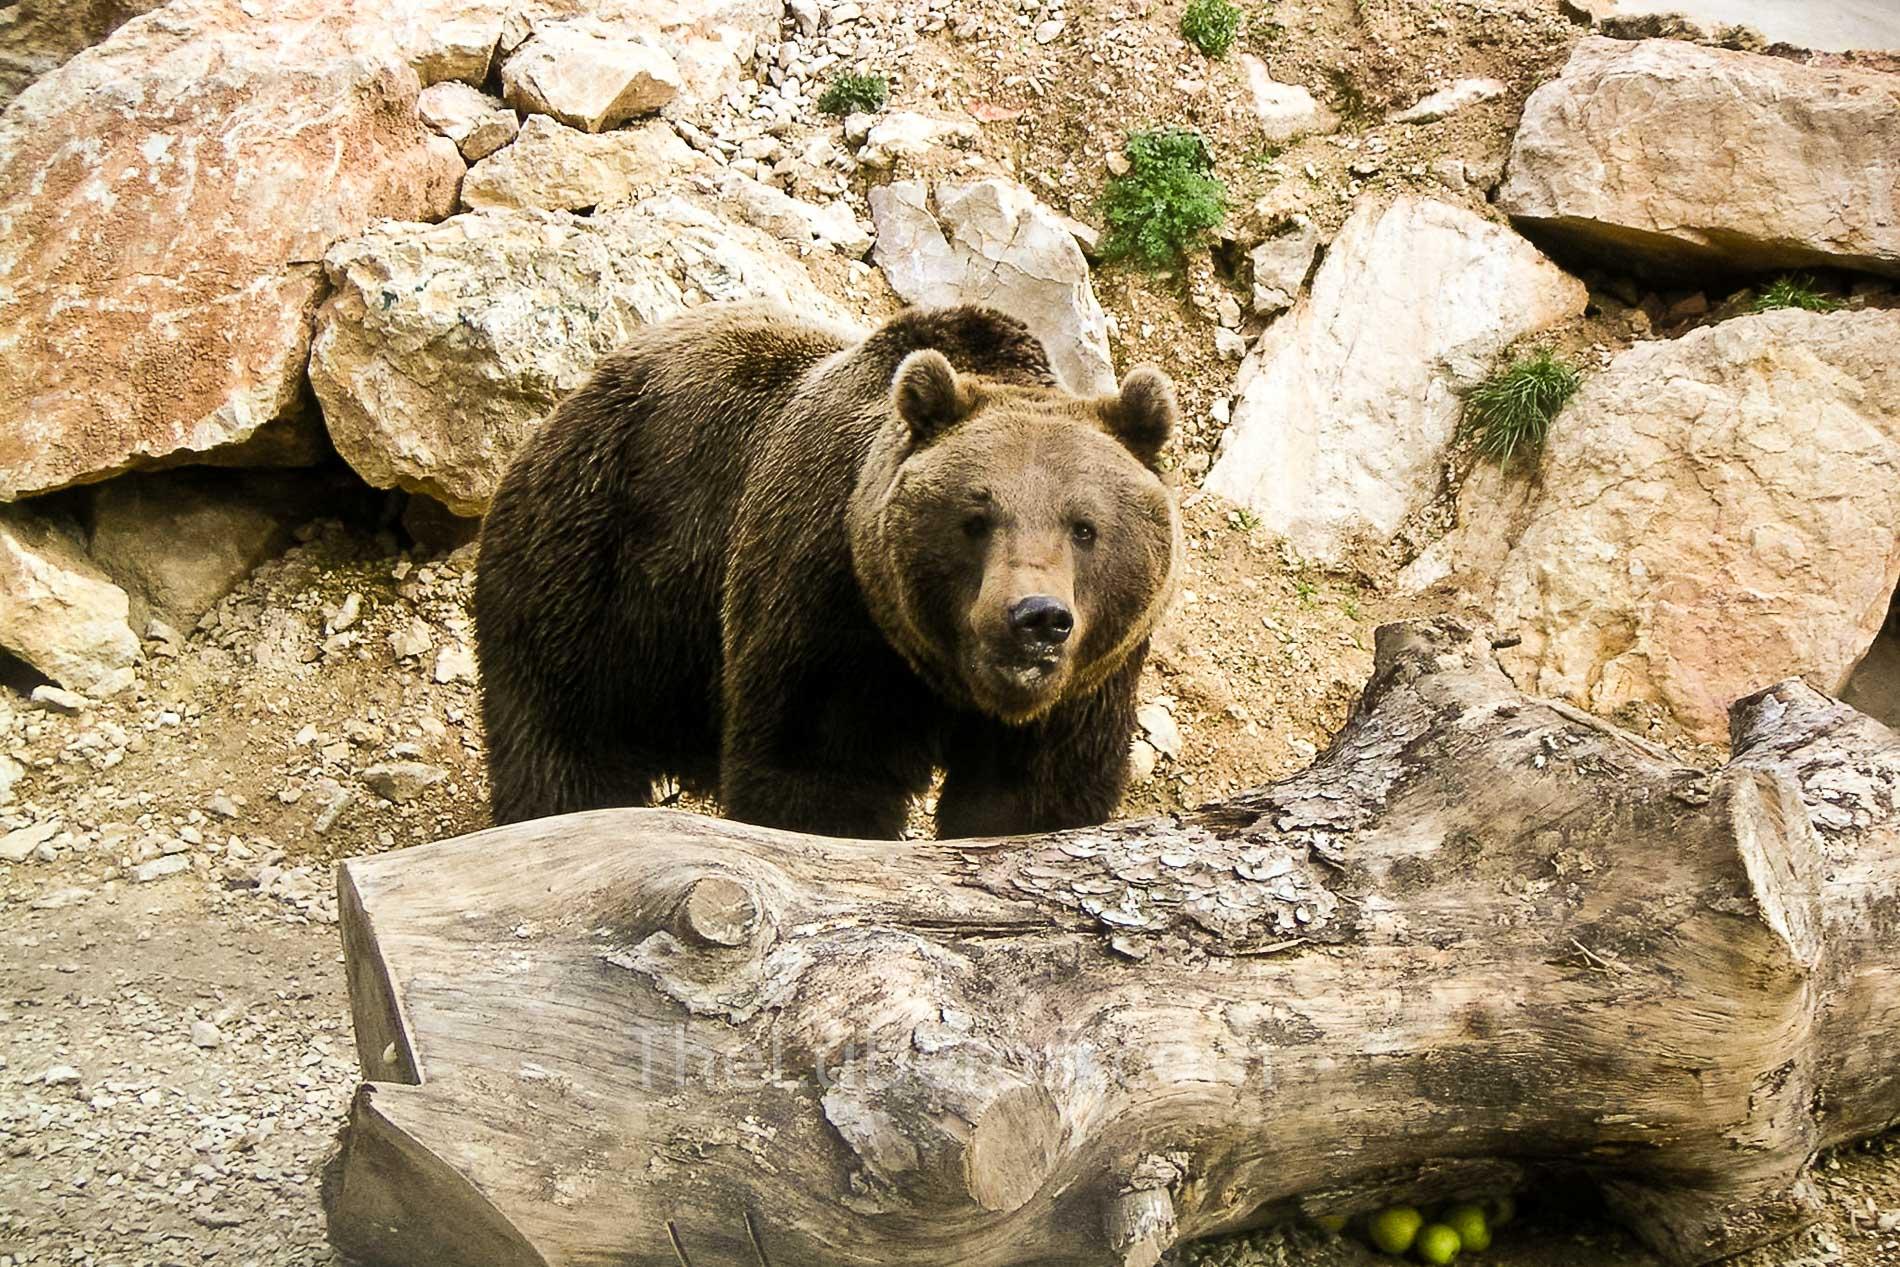 Bear at Barben Zoo